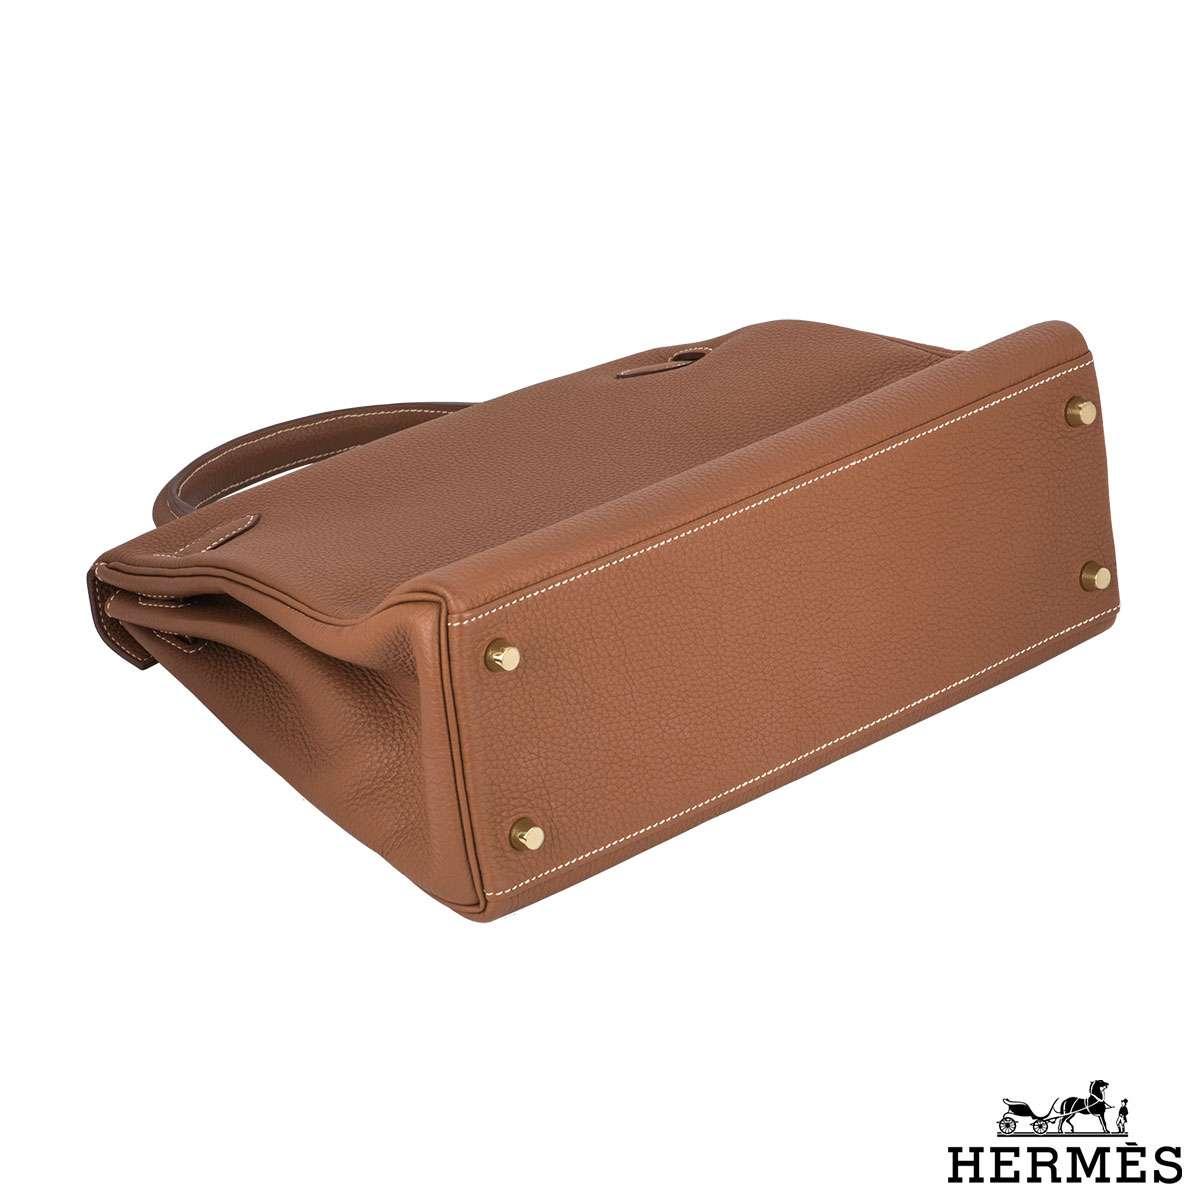 Hermès 32cm GHW Brown Kelly Bag